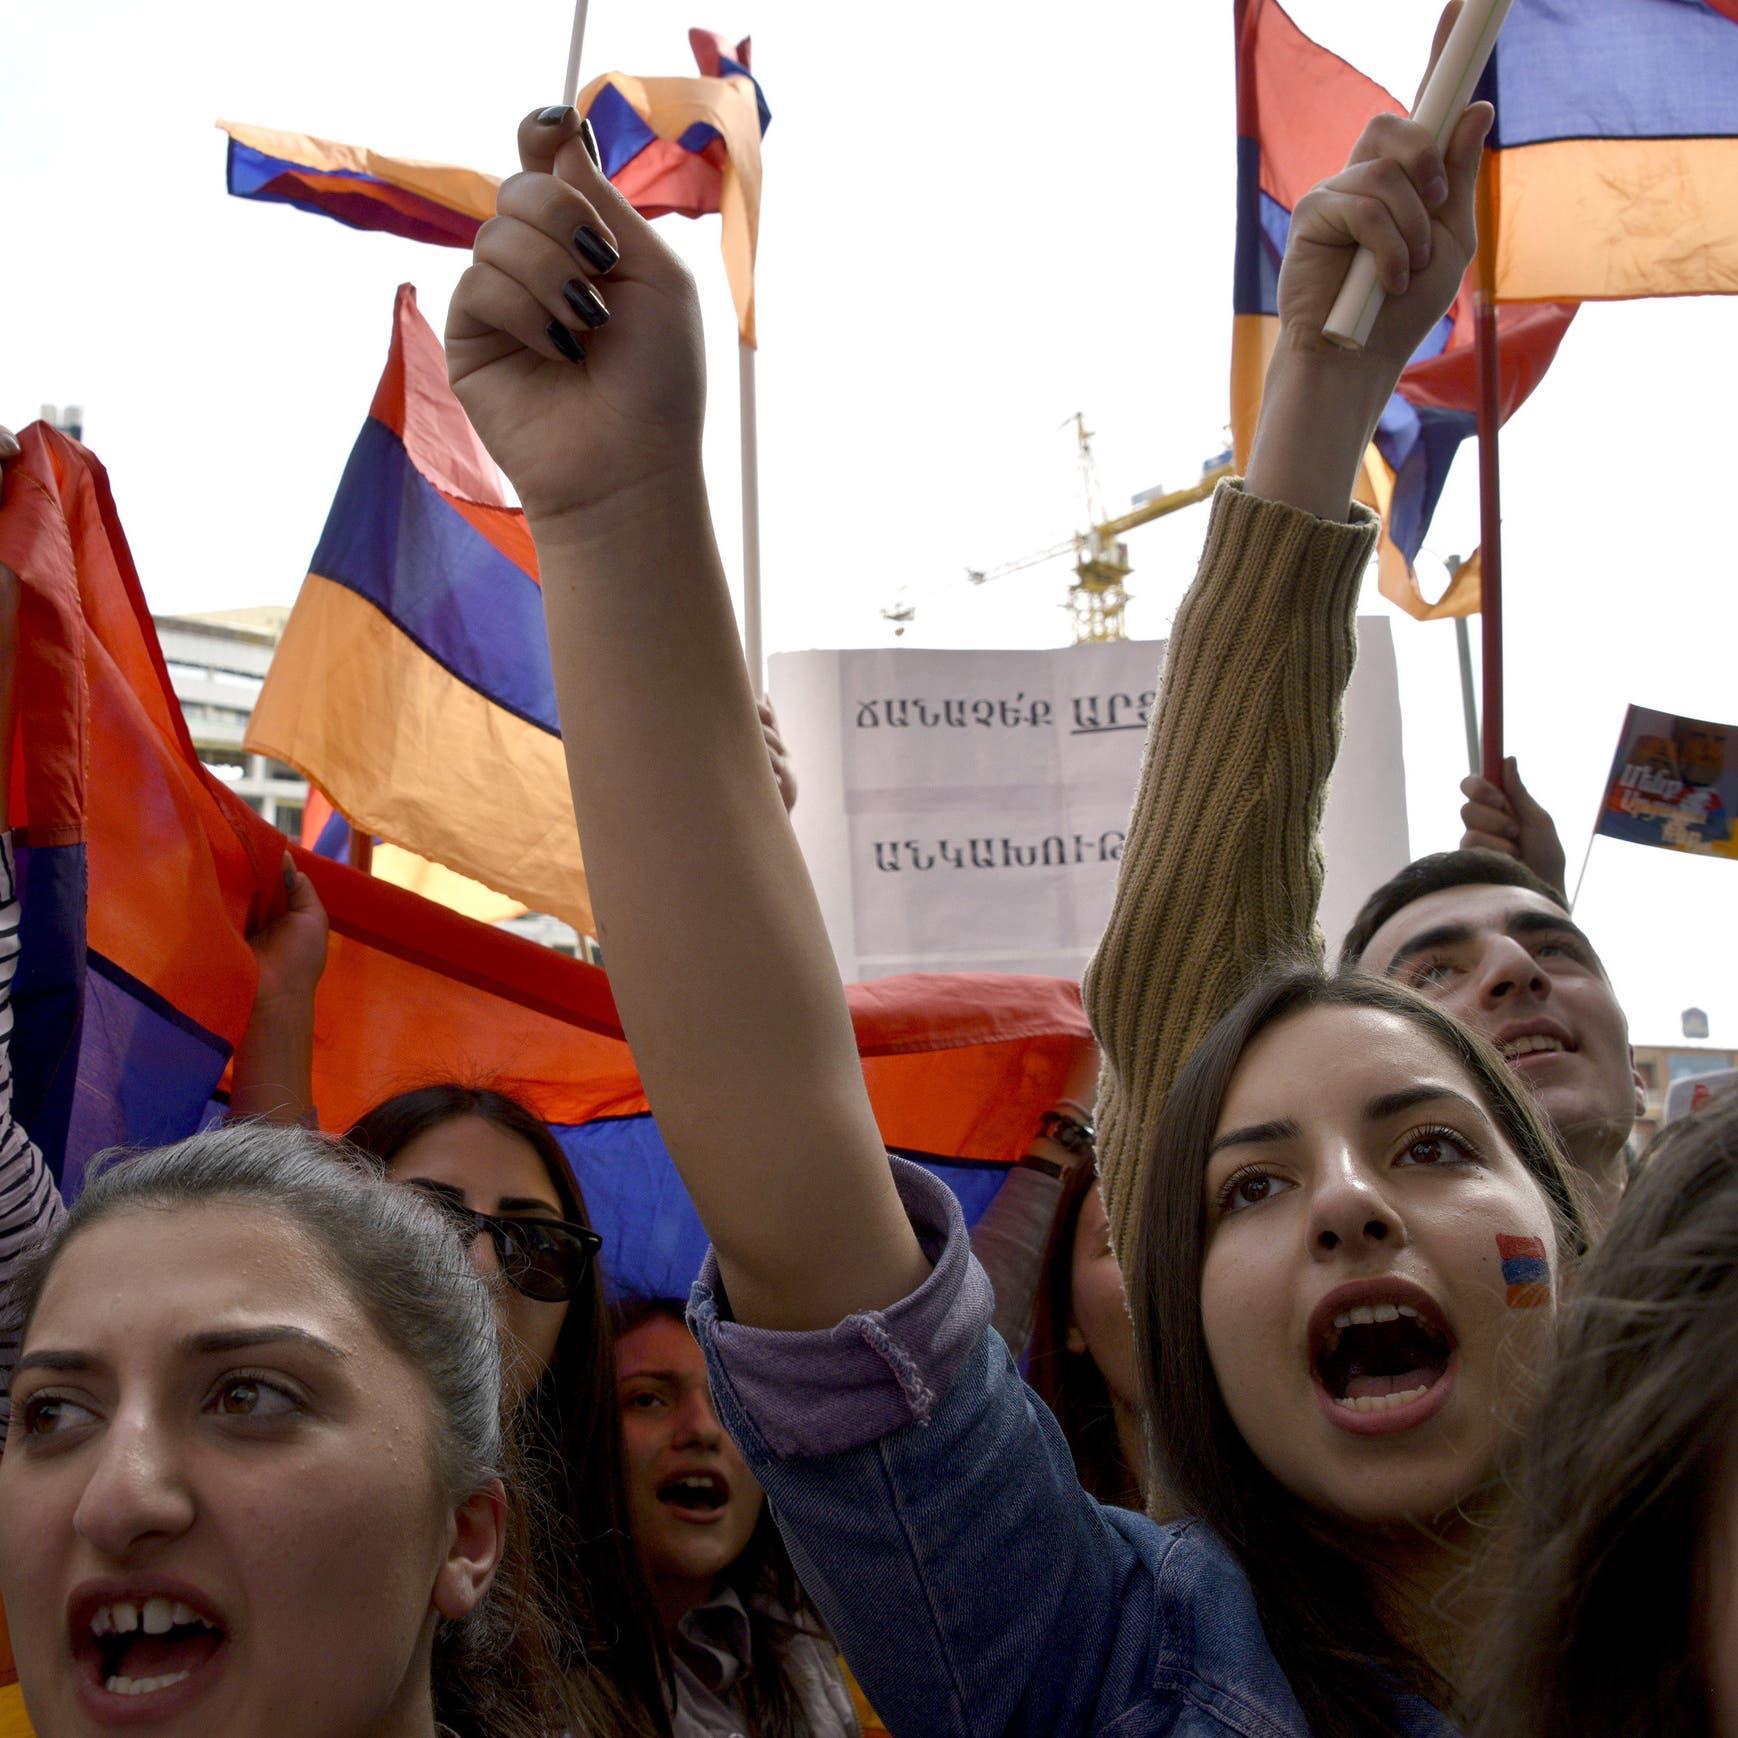 الآلاف يتظاهرون إحياء لضحايا الأرمن في ناغورني قره باغ